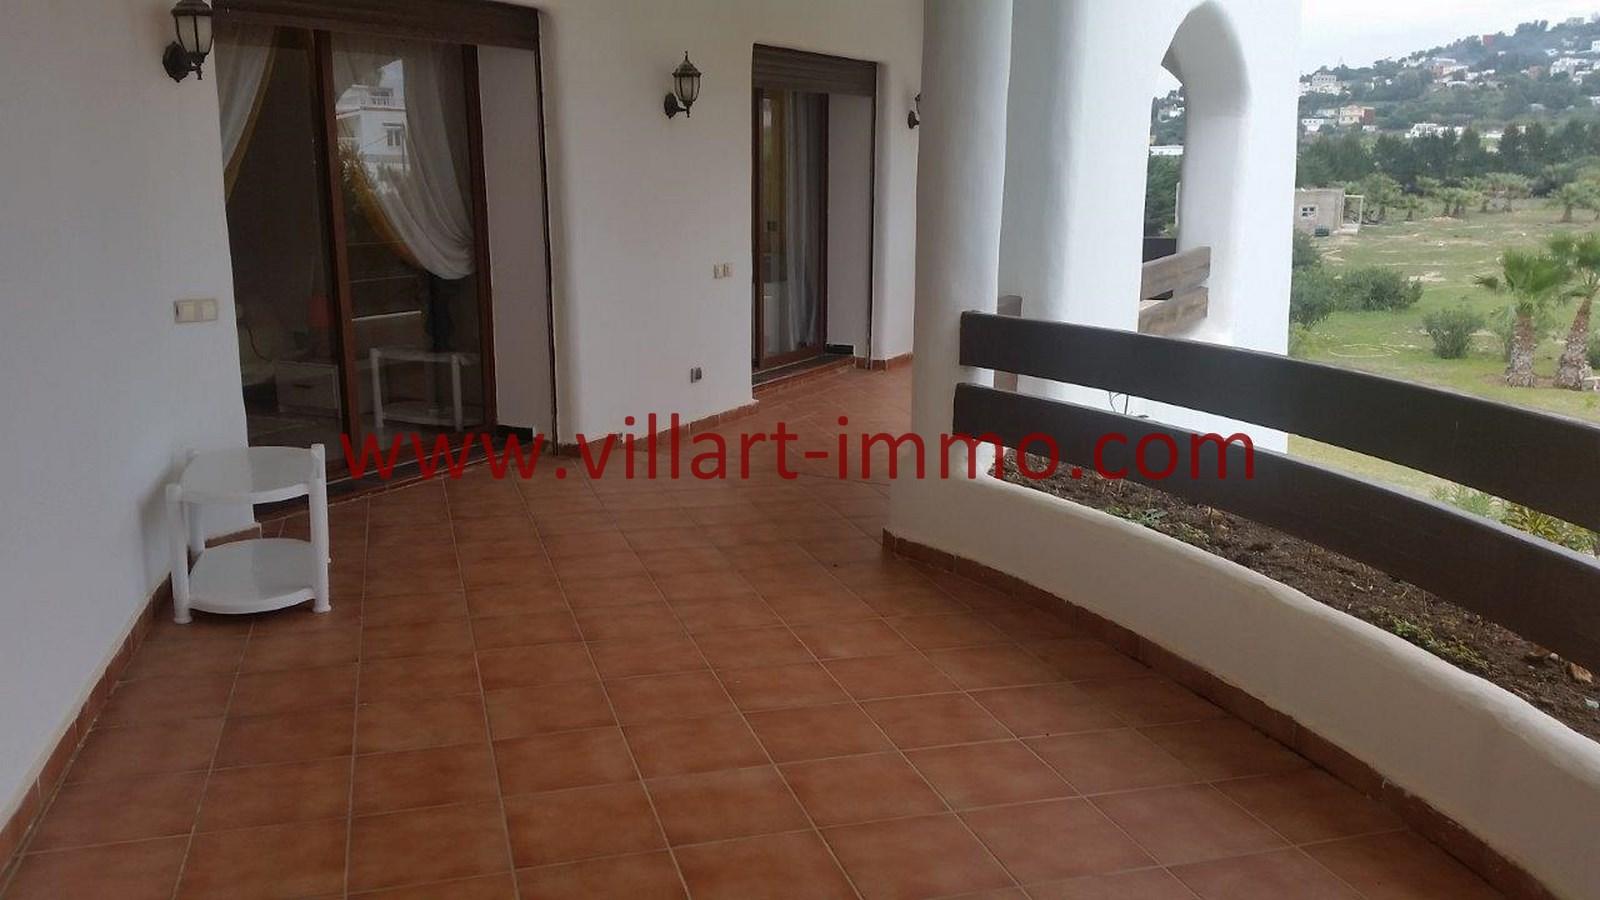 16-a-louer-villa-meublee-tanger-achakar-terrasse-lsat914-villart-immo